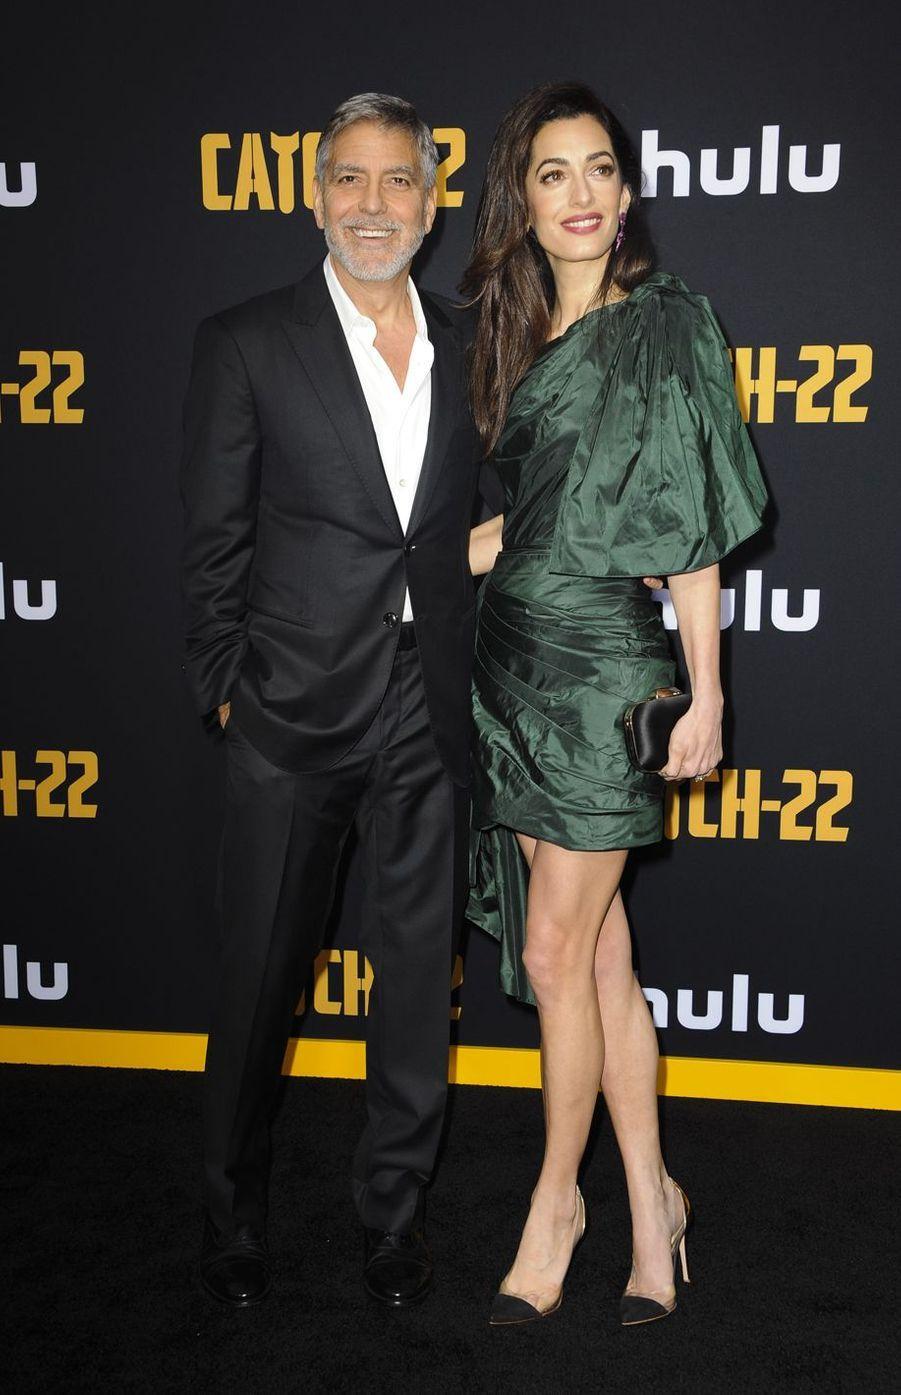 George et Amal Clooney à la première de «Catch-22» à Los Angeles le 7 mai 2019